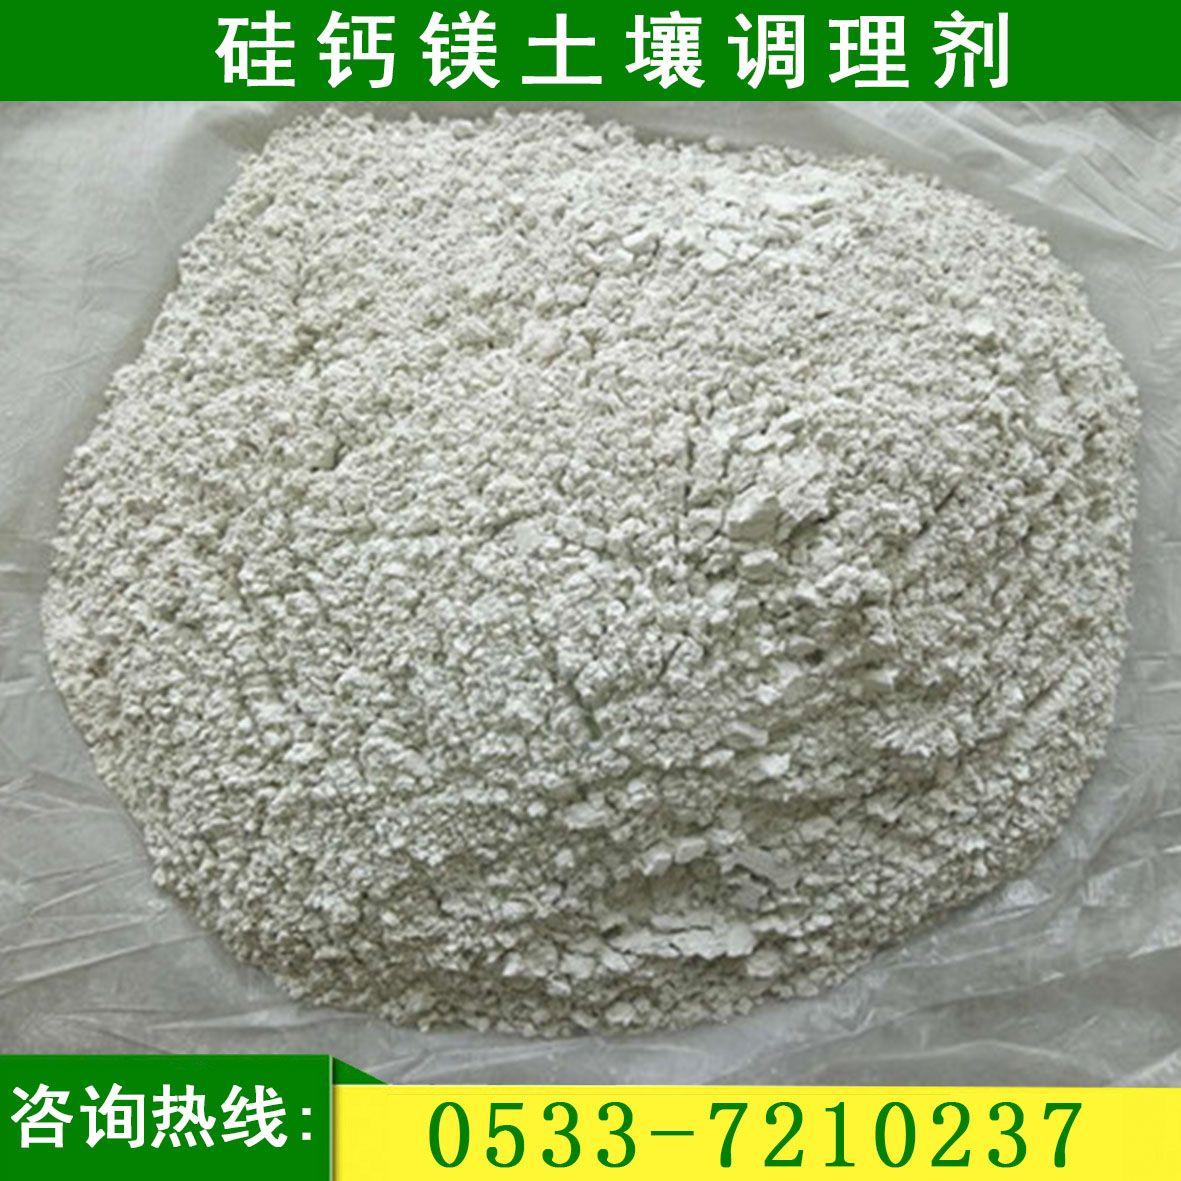 淄博硅钙镁土壤调理剂 硅钙镁土壤调理剂原材料